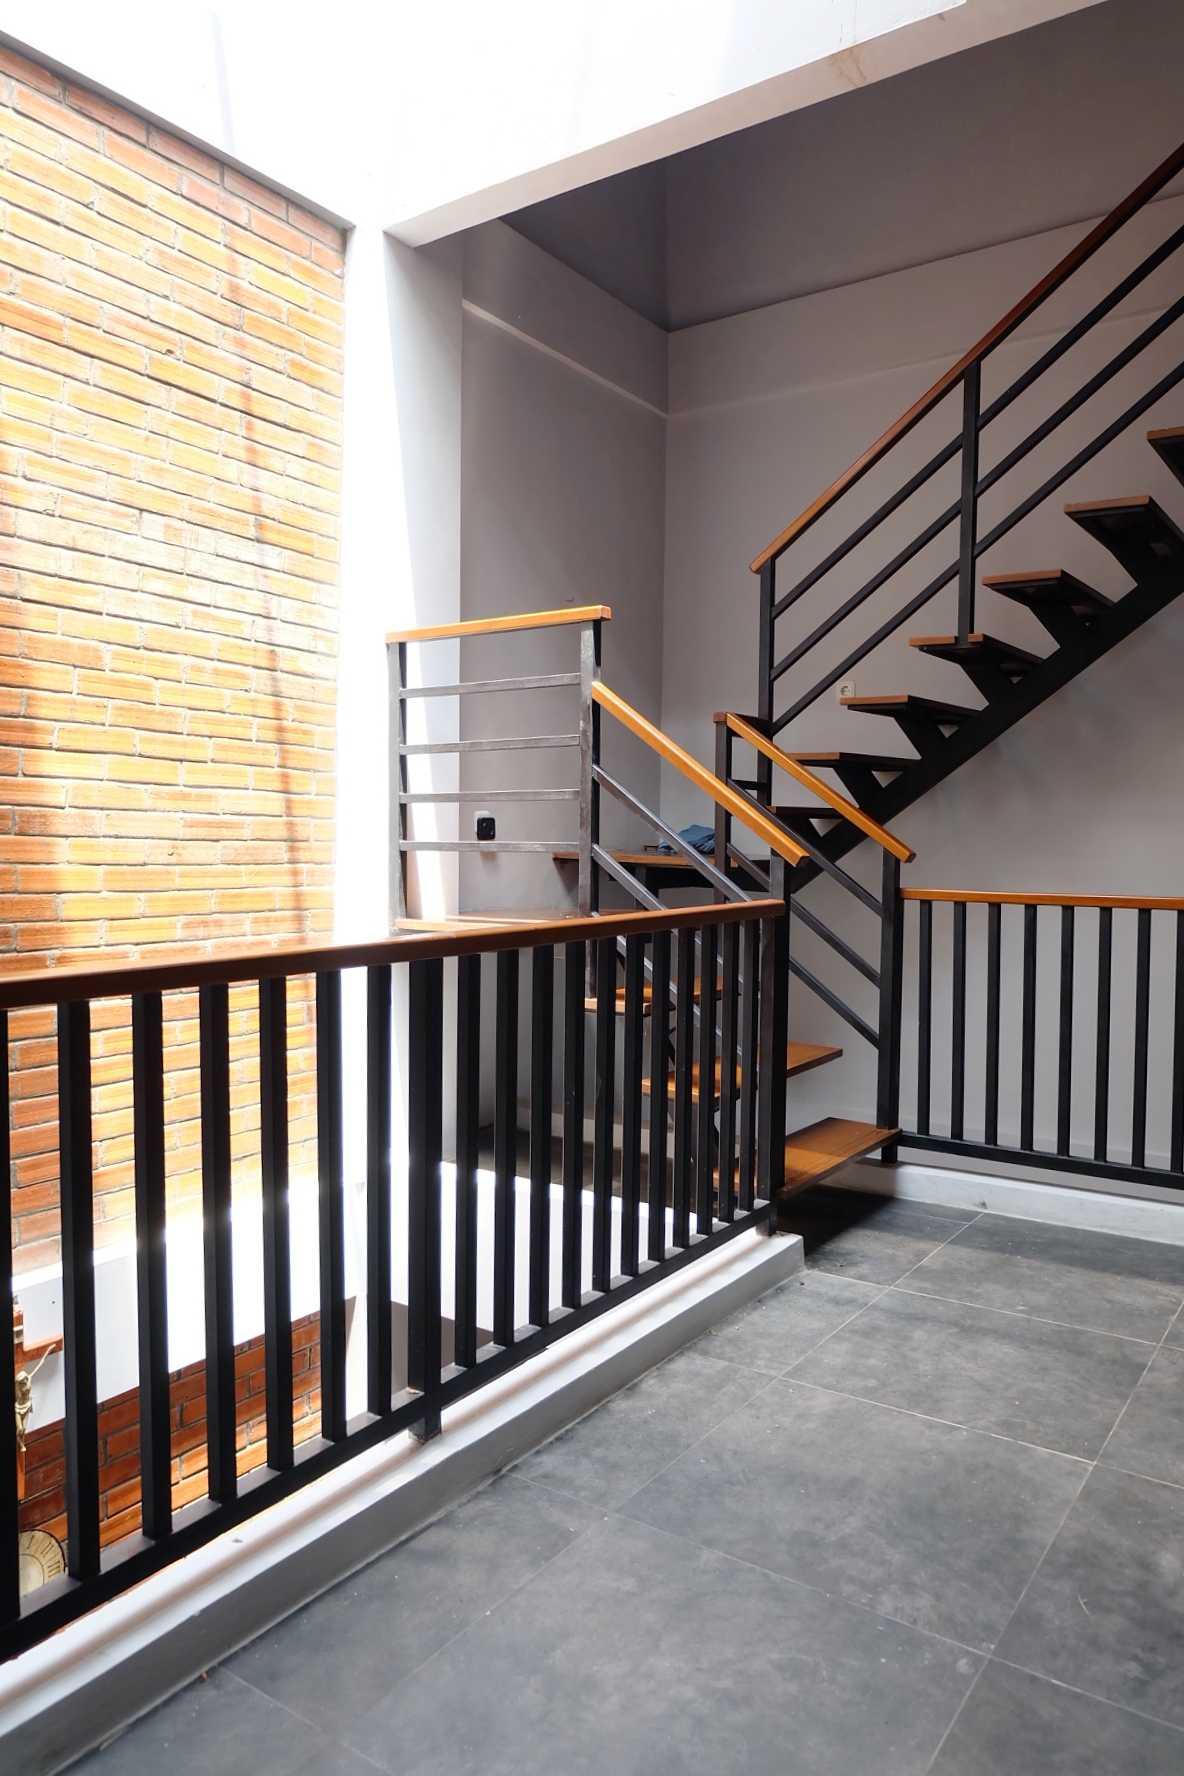 Foto inspirasi ide desain atap industrial Fiano-rumah-mertilang oleh FIANO di Arsitag